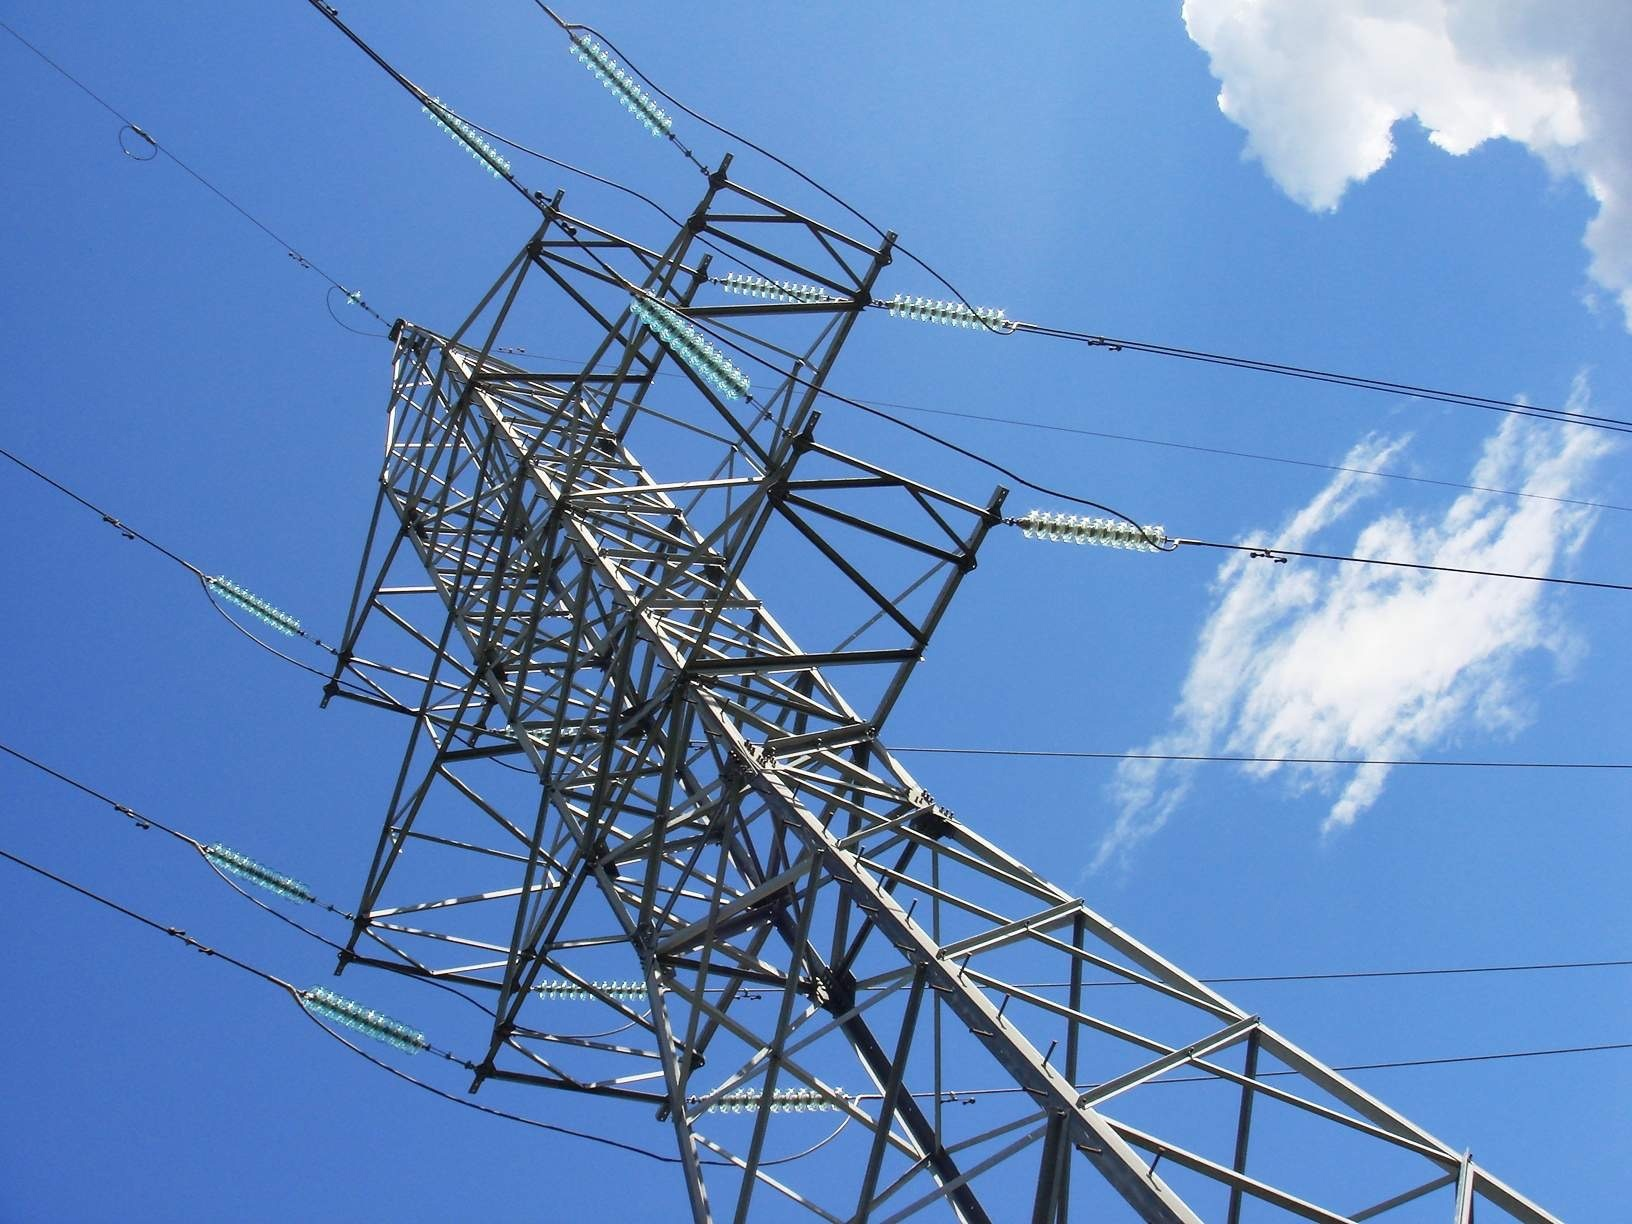 Тверьэнерго вводит ограничения режима потребления электроэнергии в отношении злостных неплательщиков